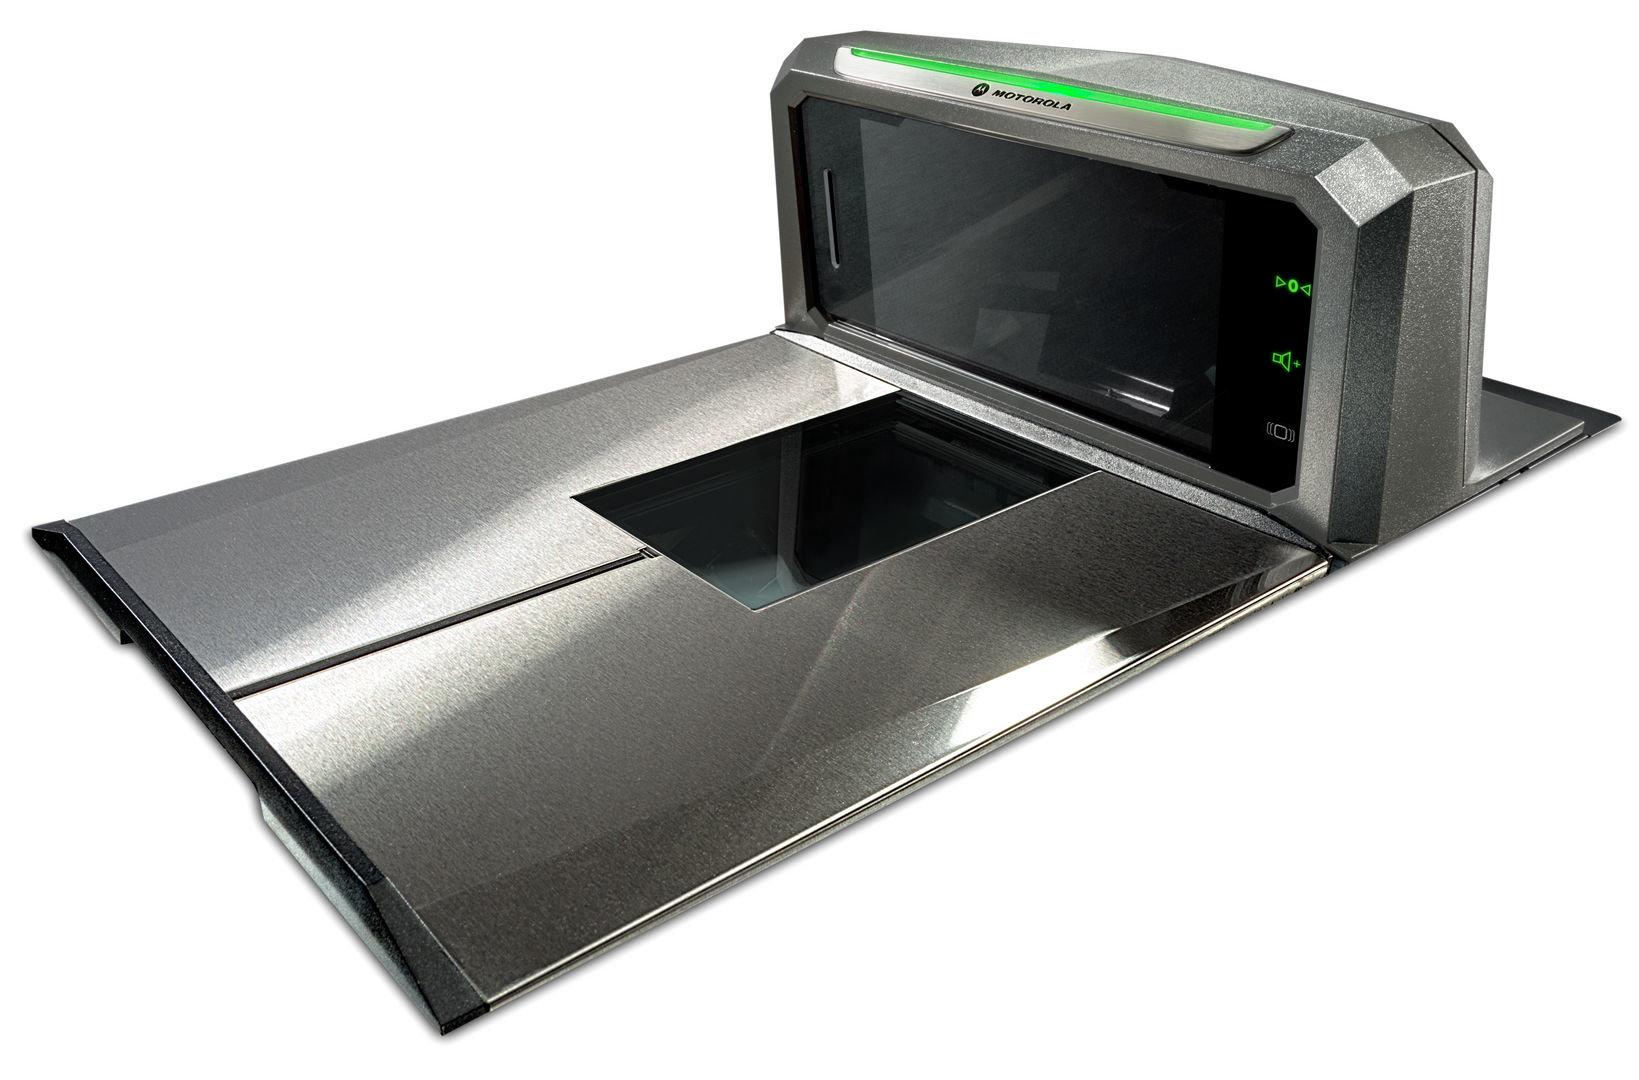 Сканер Zebra MP6000, 2D, система отслеживания товаров Checkpoint, сканер со стороны покупателя, средняя длина, черный, MP6010-MN000M010US